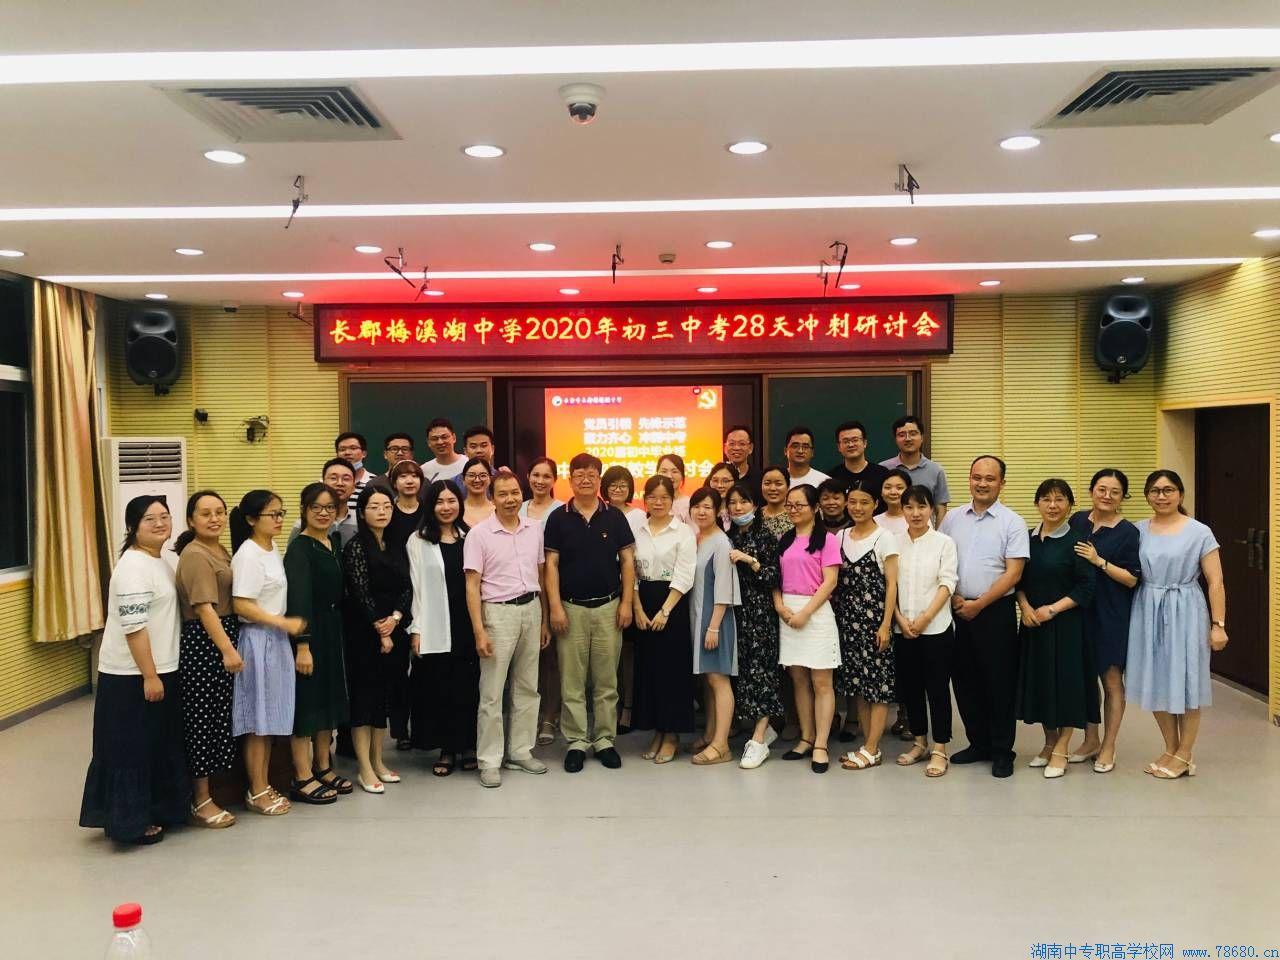 长郡梅溪湖:学校成功召开2020届初中毕业班中考冲刺教学研讨会